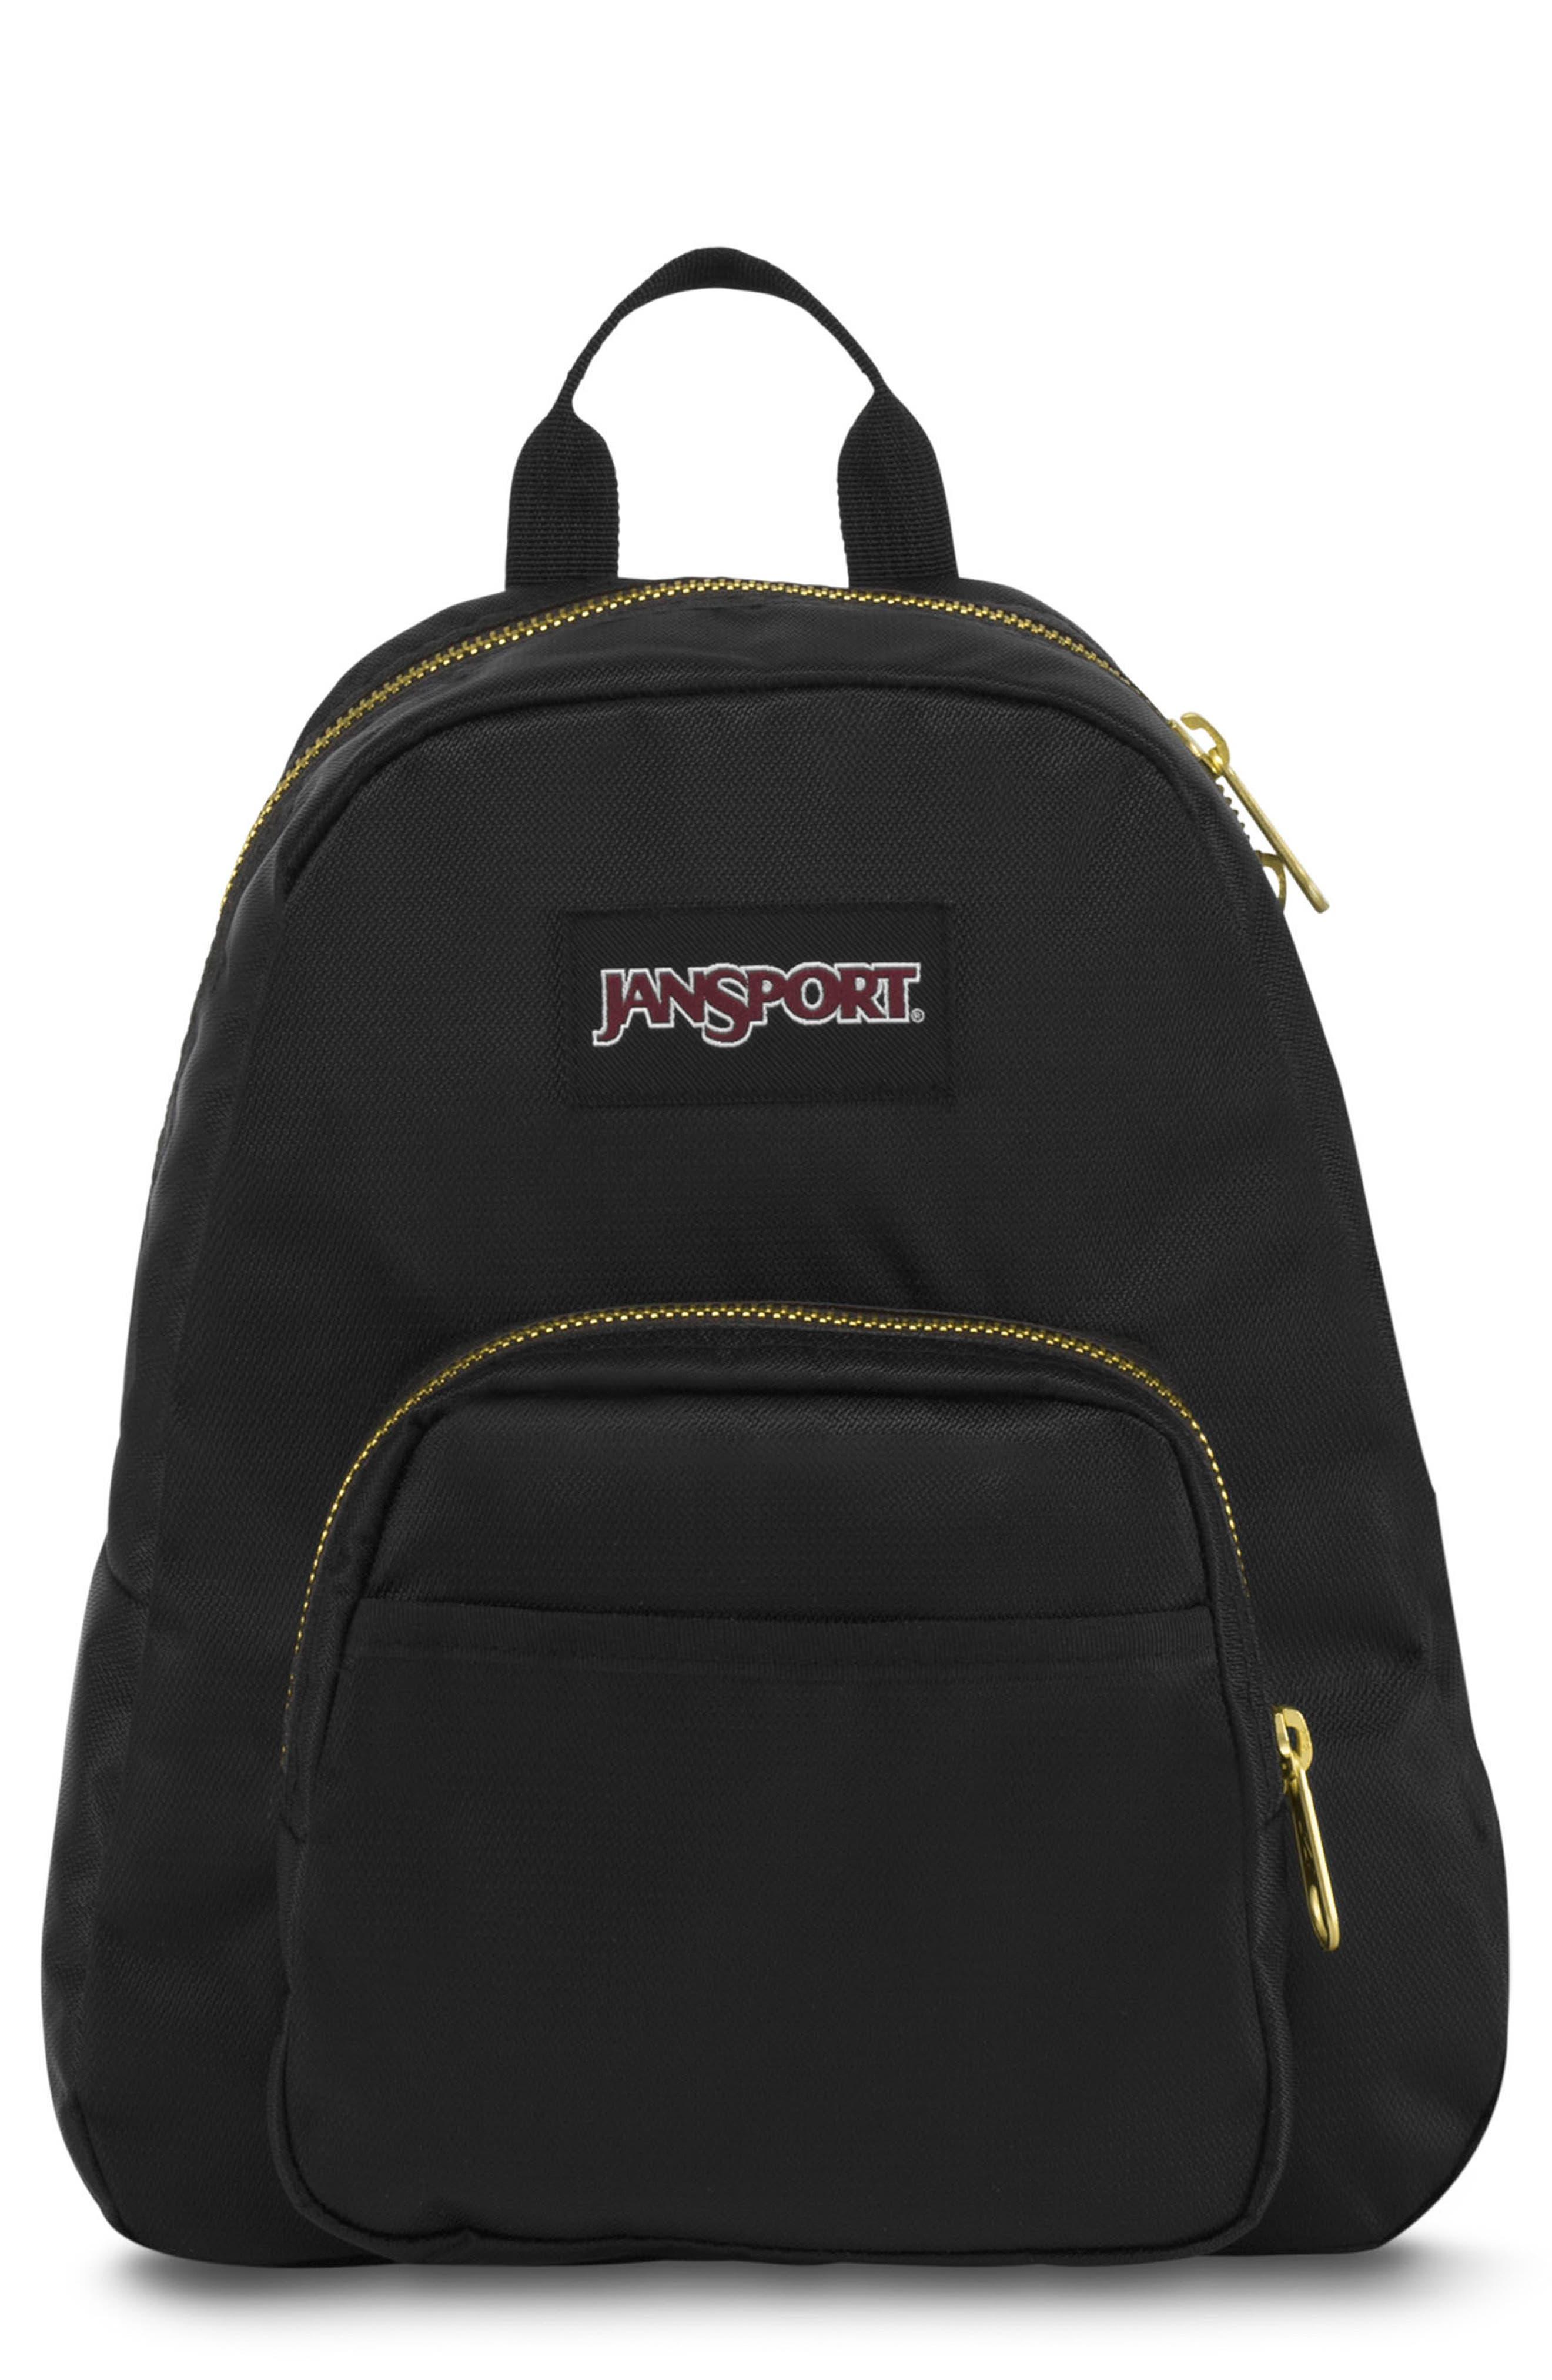 Half Pint FX Backpack,                         Main,                         color, BLACK GOLD